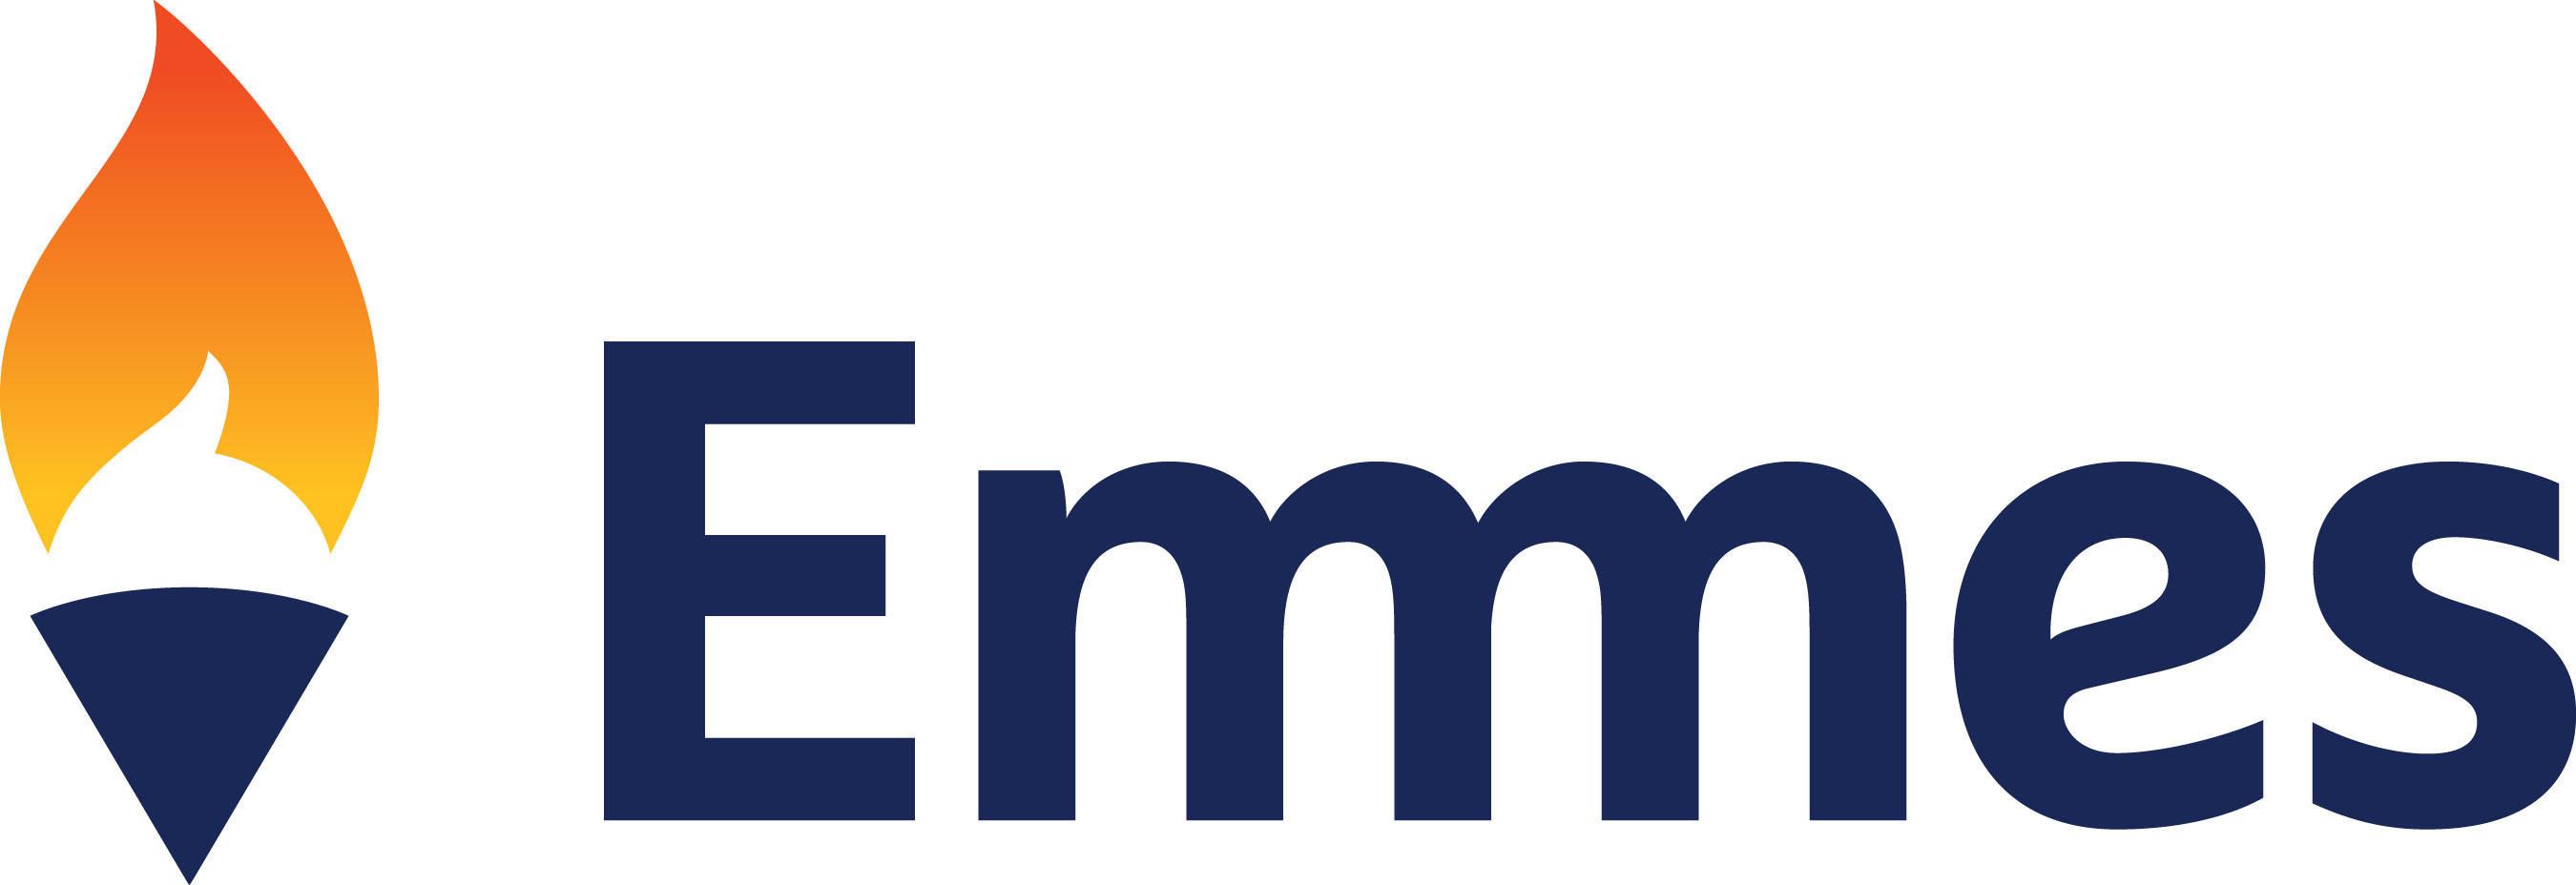 The EMMES logo